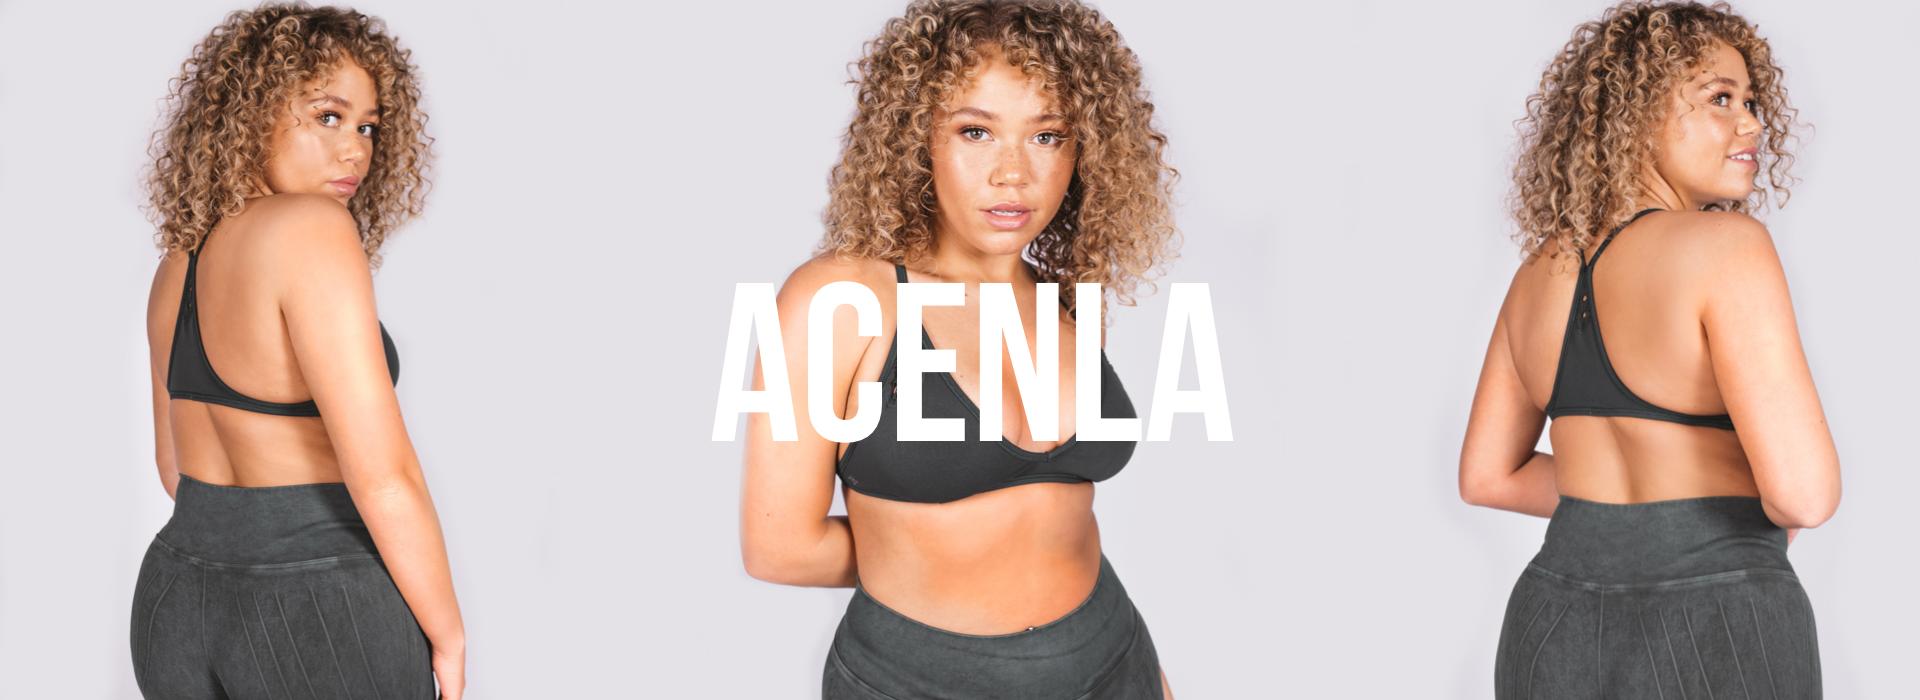 acenla-fashion-gymwear